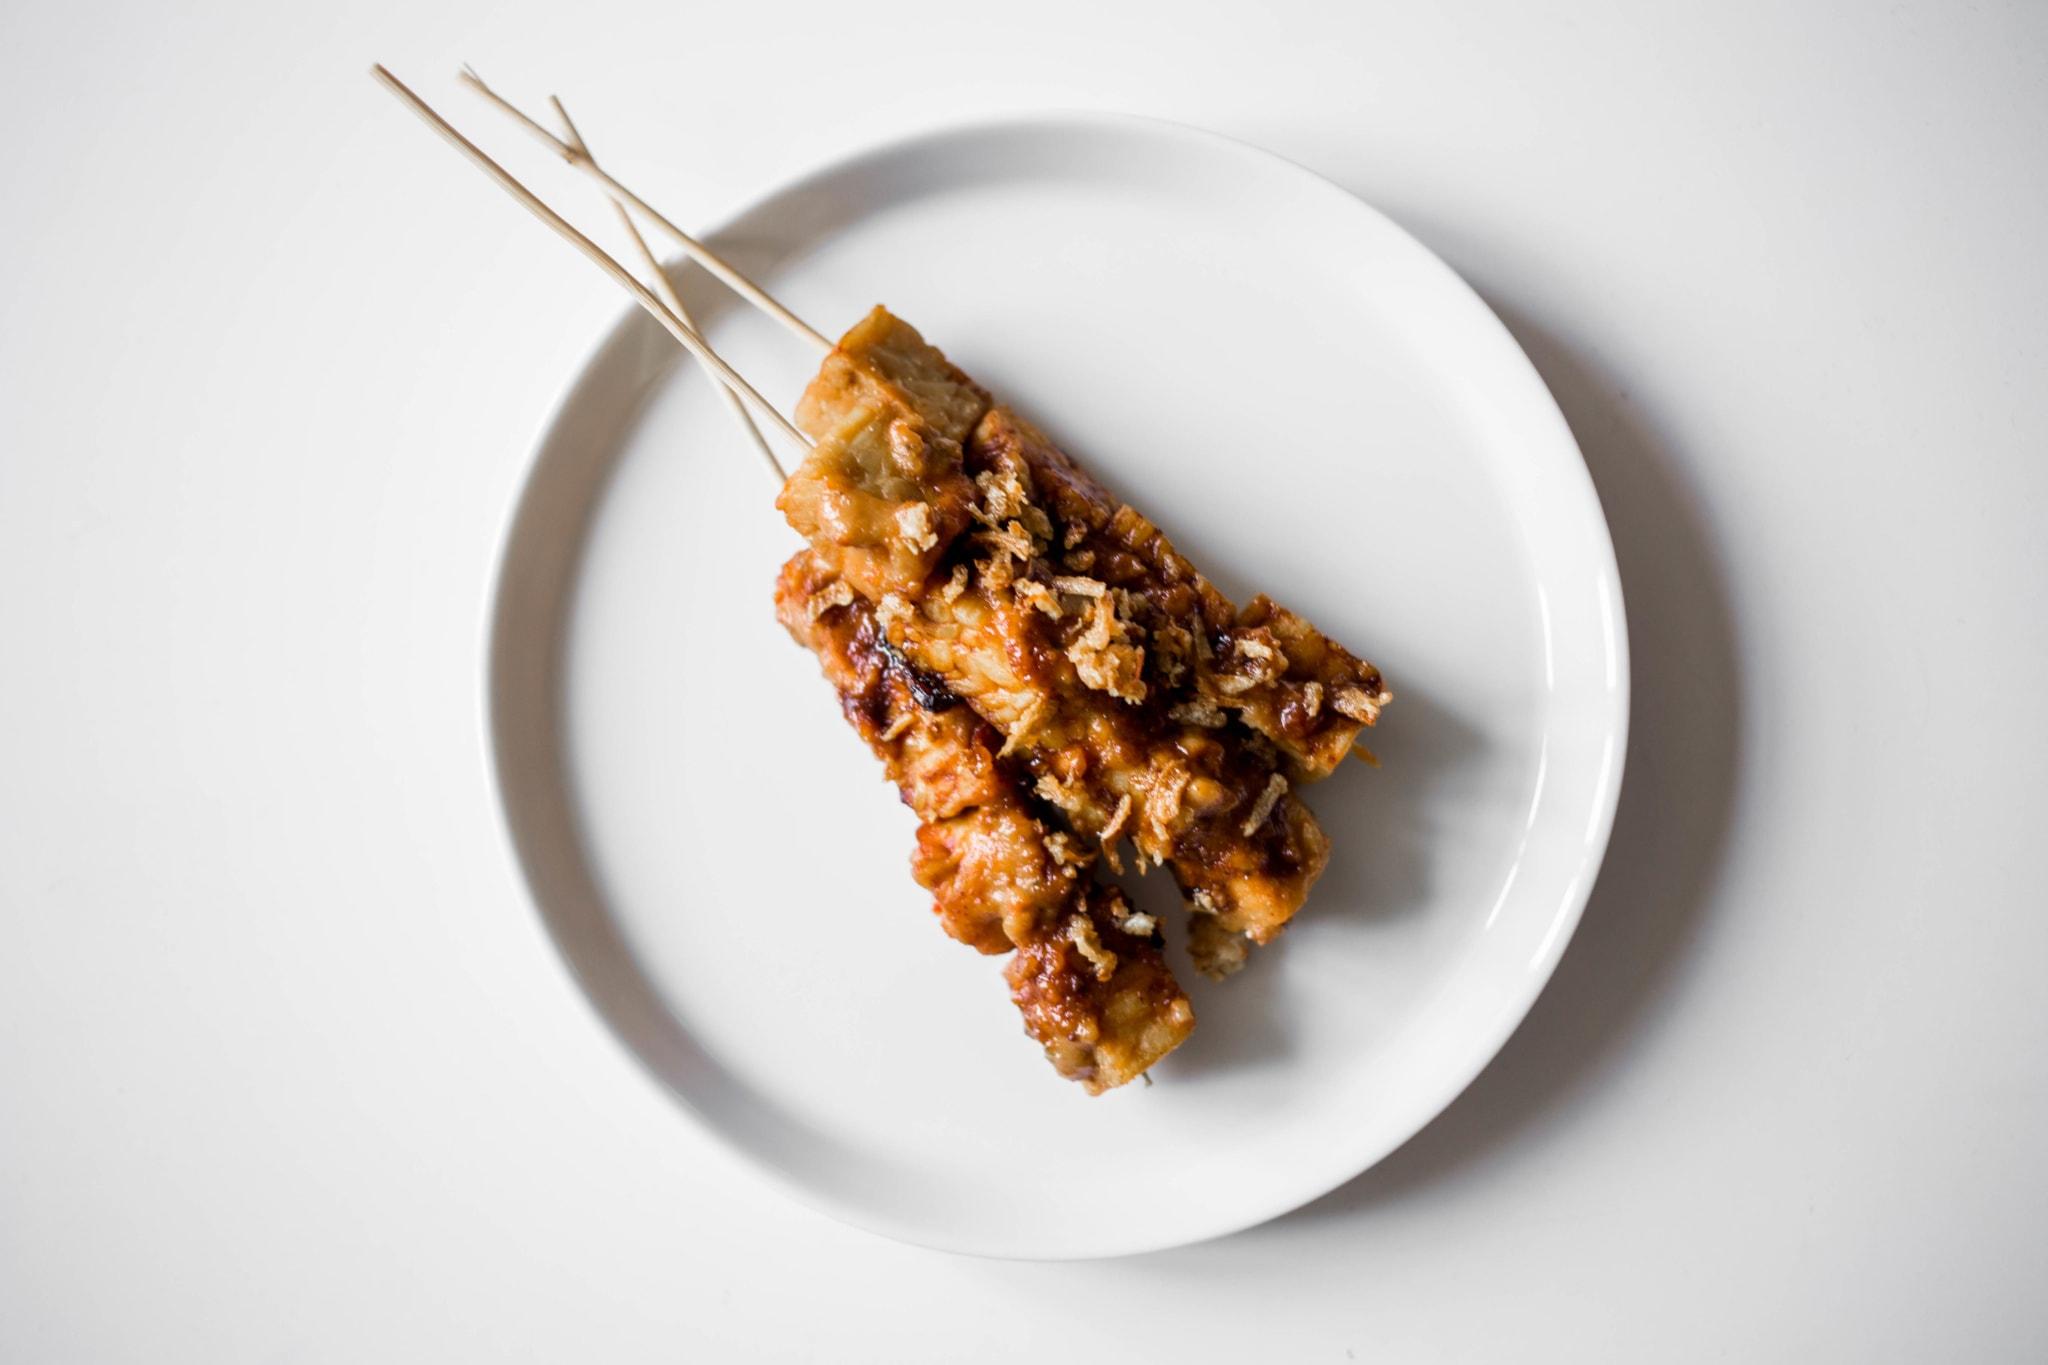 tempe sate culinessa 1 - Recept vegetarische sate van tempeh